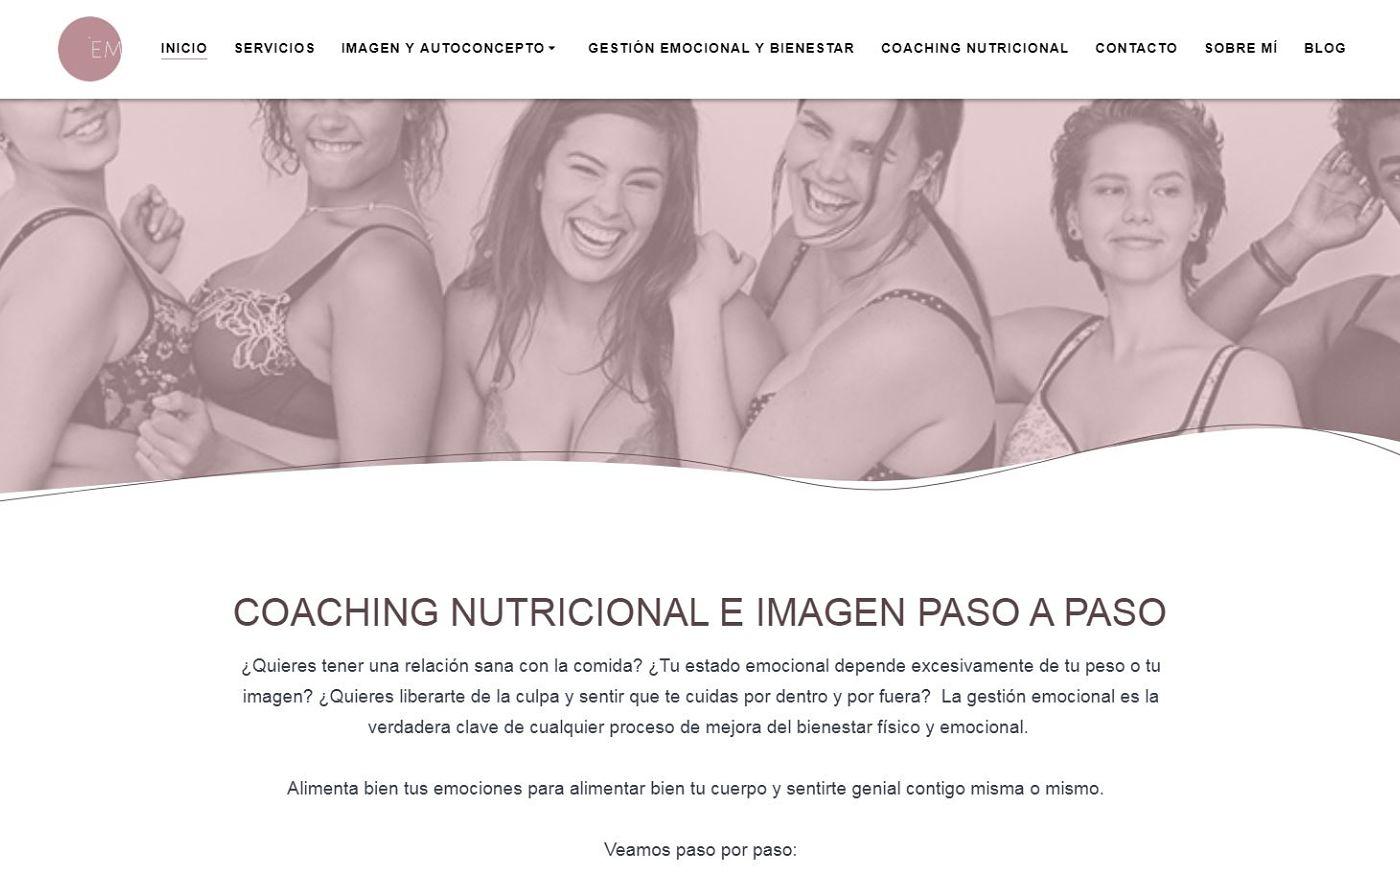 diseño web para coach psicóloga nutrición salud imagen